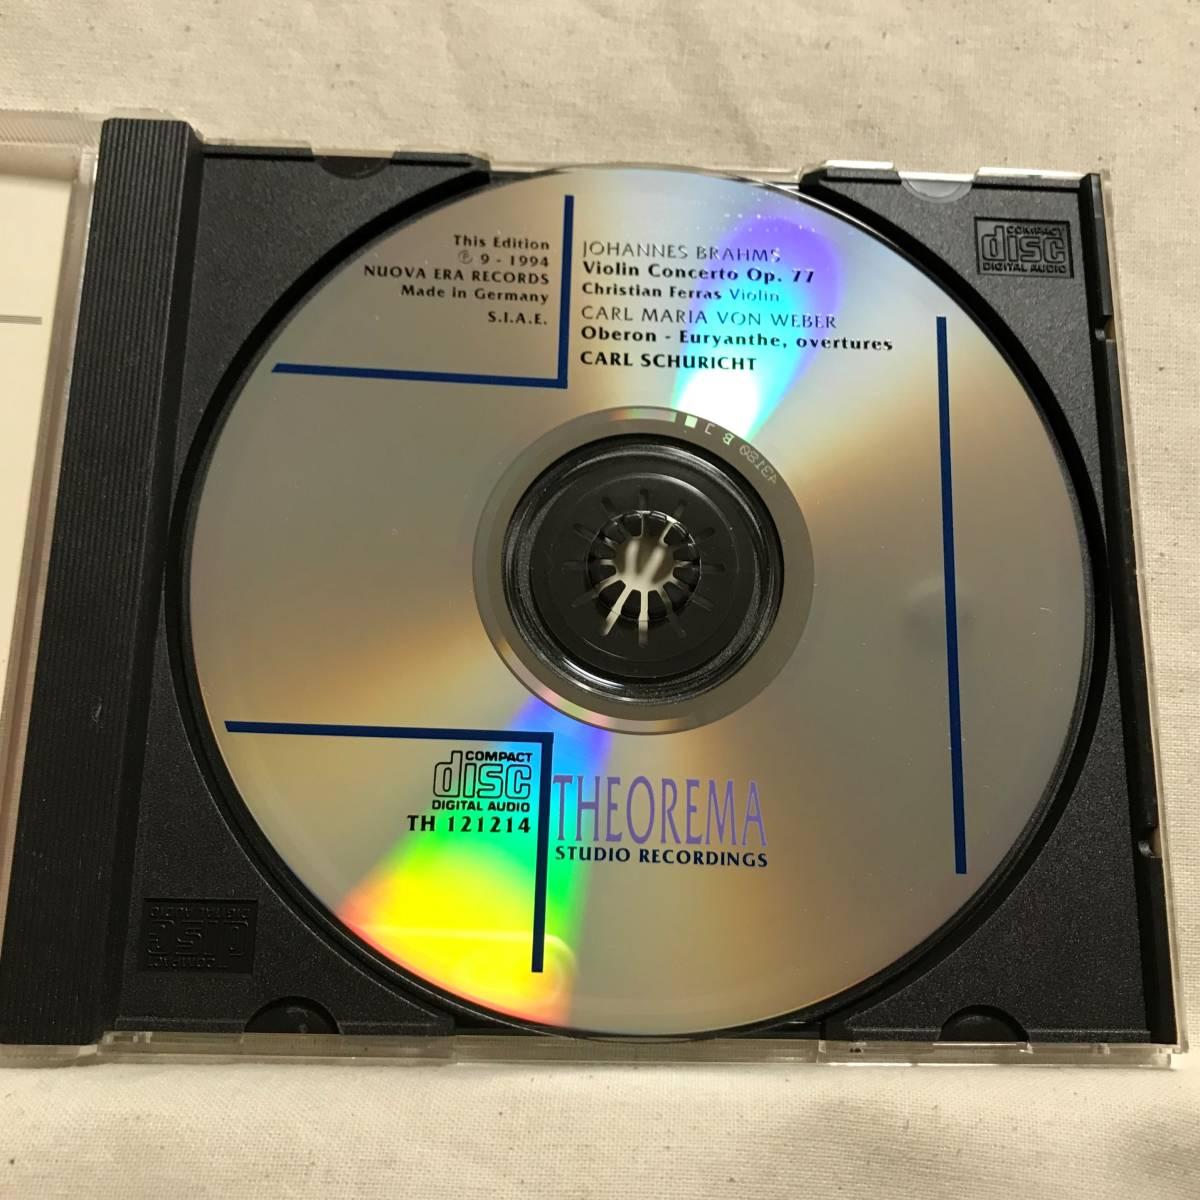 フェラス (Vn) / ブラームス:ヴァイオリン協奏曲 / シューリヒト &ウィーン・フィル●CEDAR (DECCA音源) ドイツ盤   _画像4